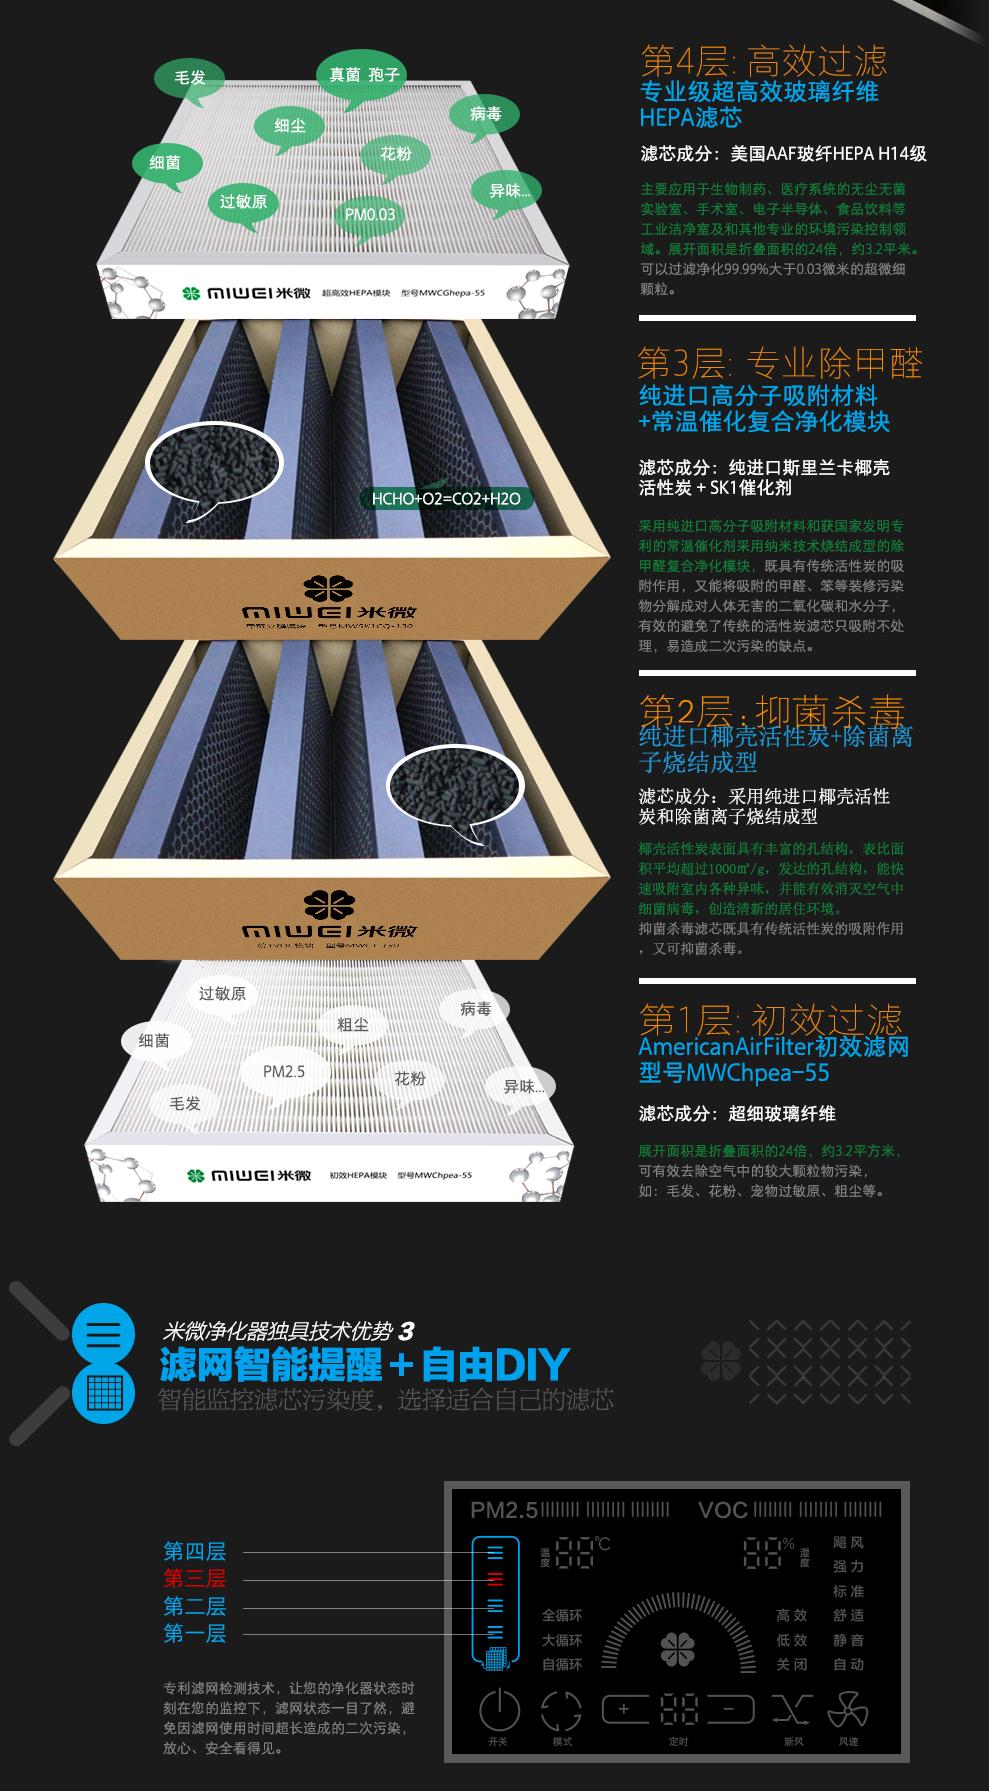 米微M2-600新风净化器 强效型【除甲醛、除异味、除菌】